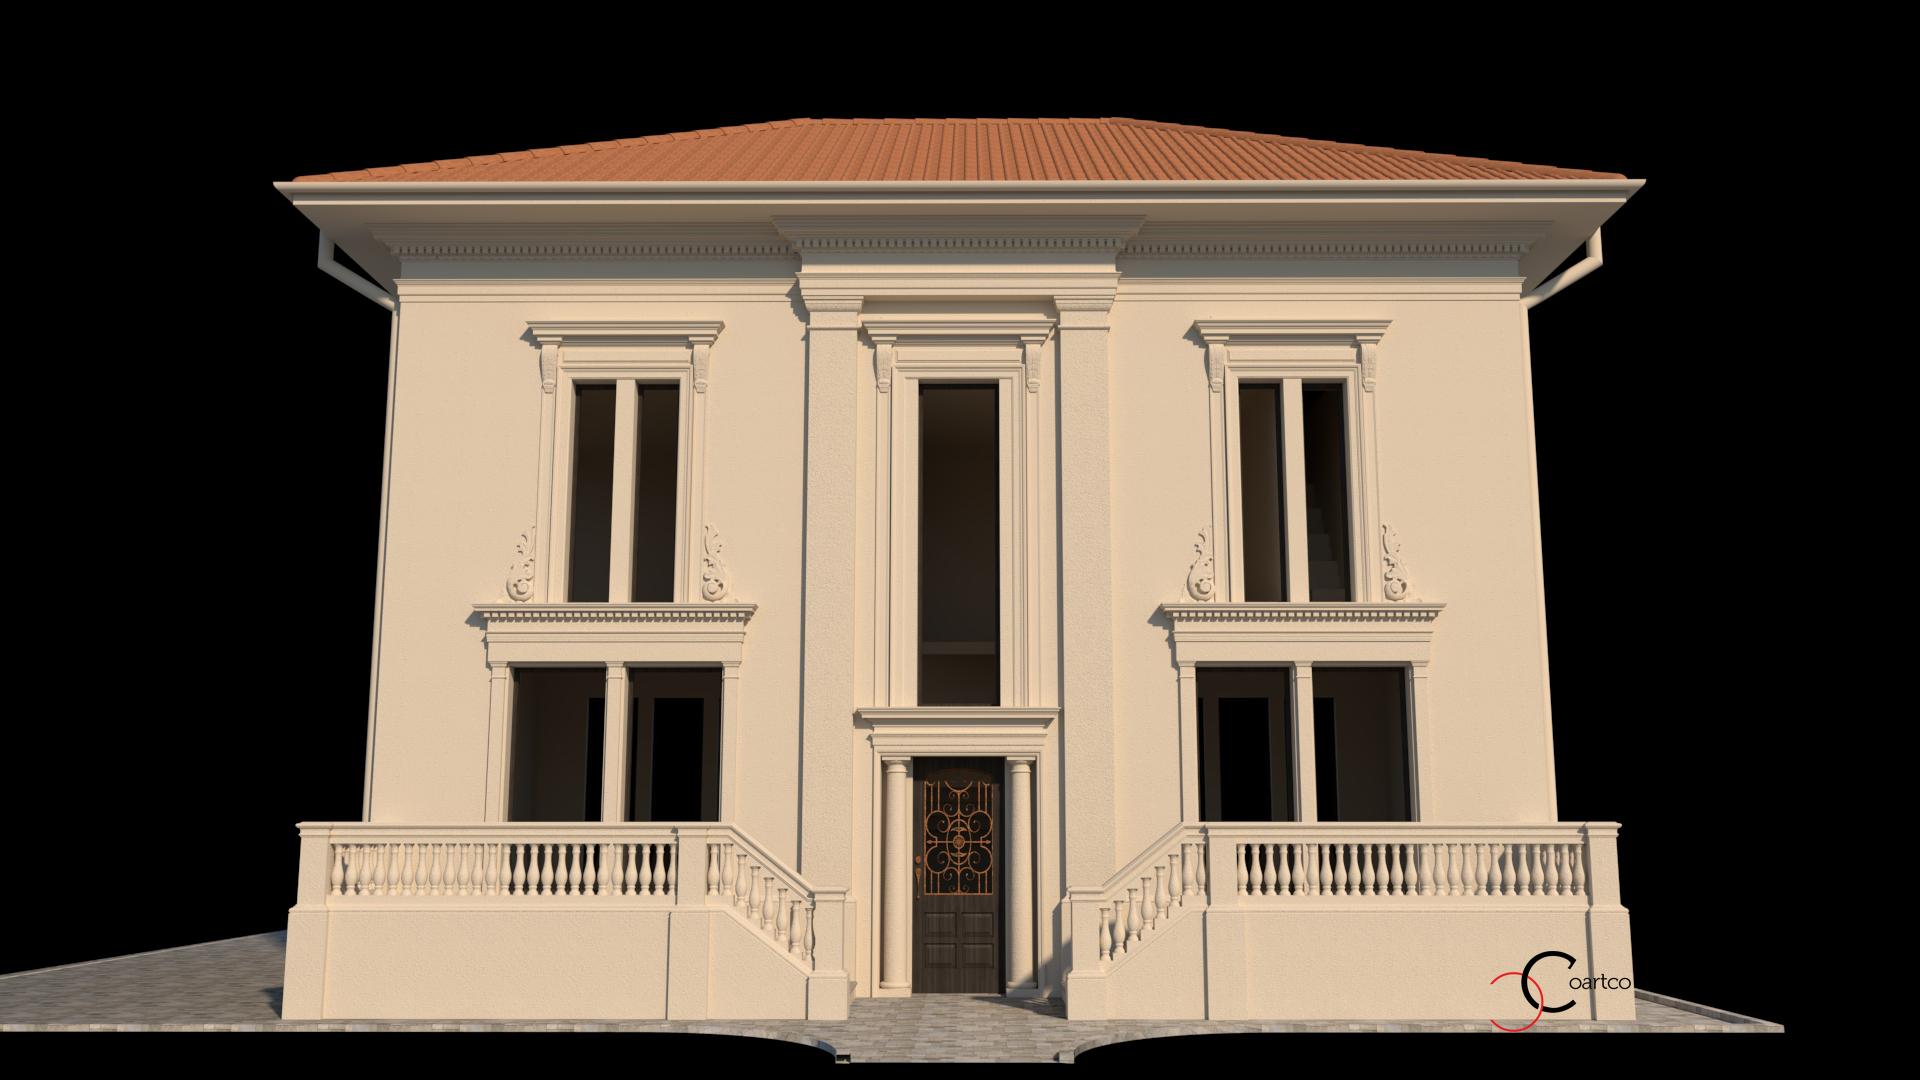 modele-de-culori-pentru-case-exterior